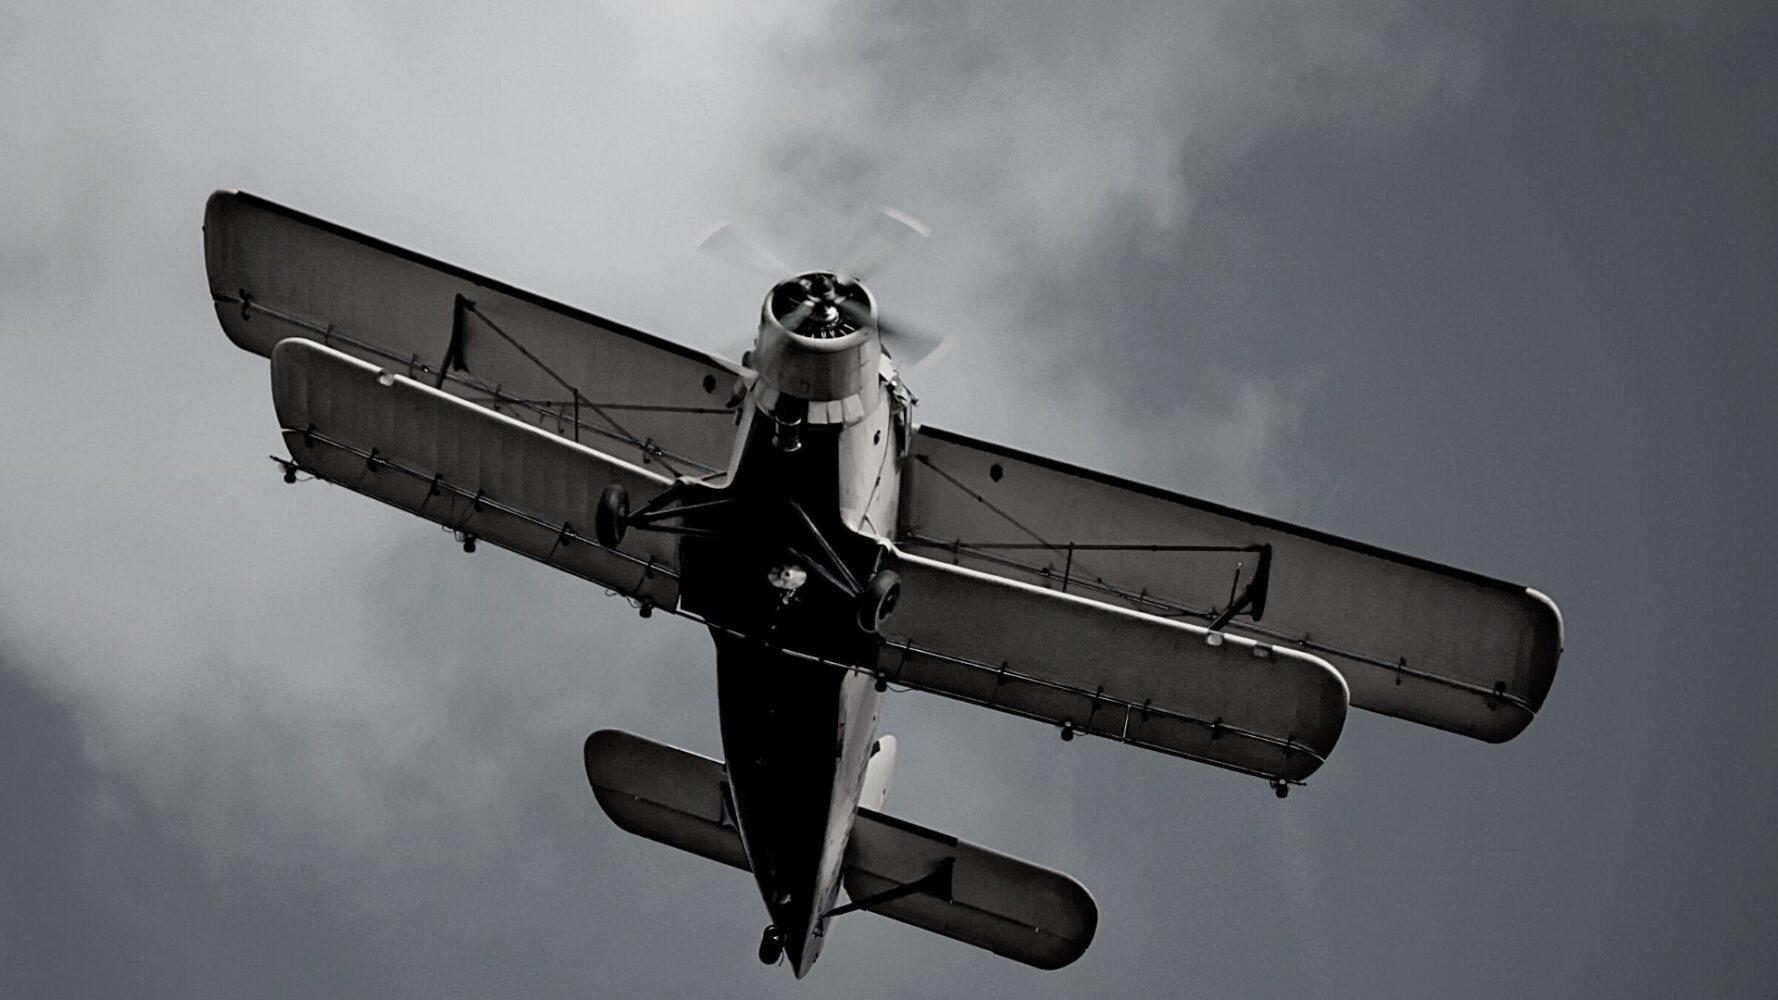 doppeldecker-flugzeug-ansicht-von-unten